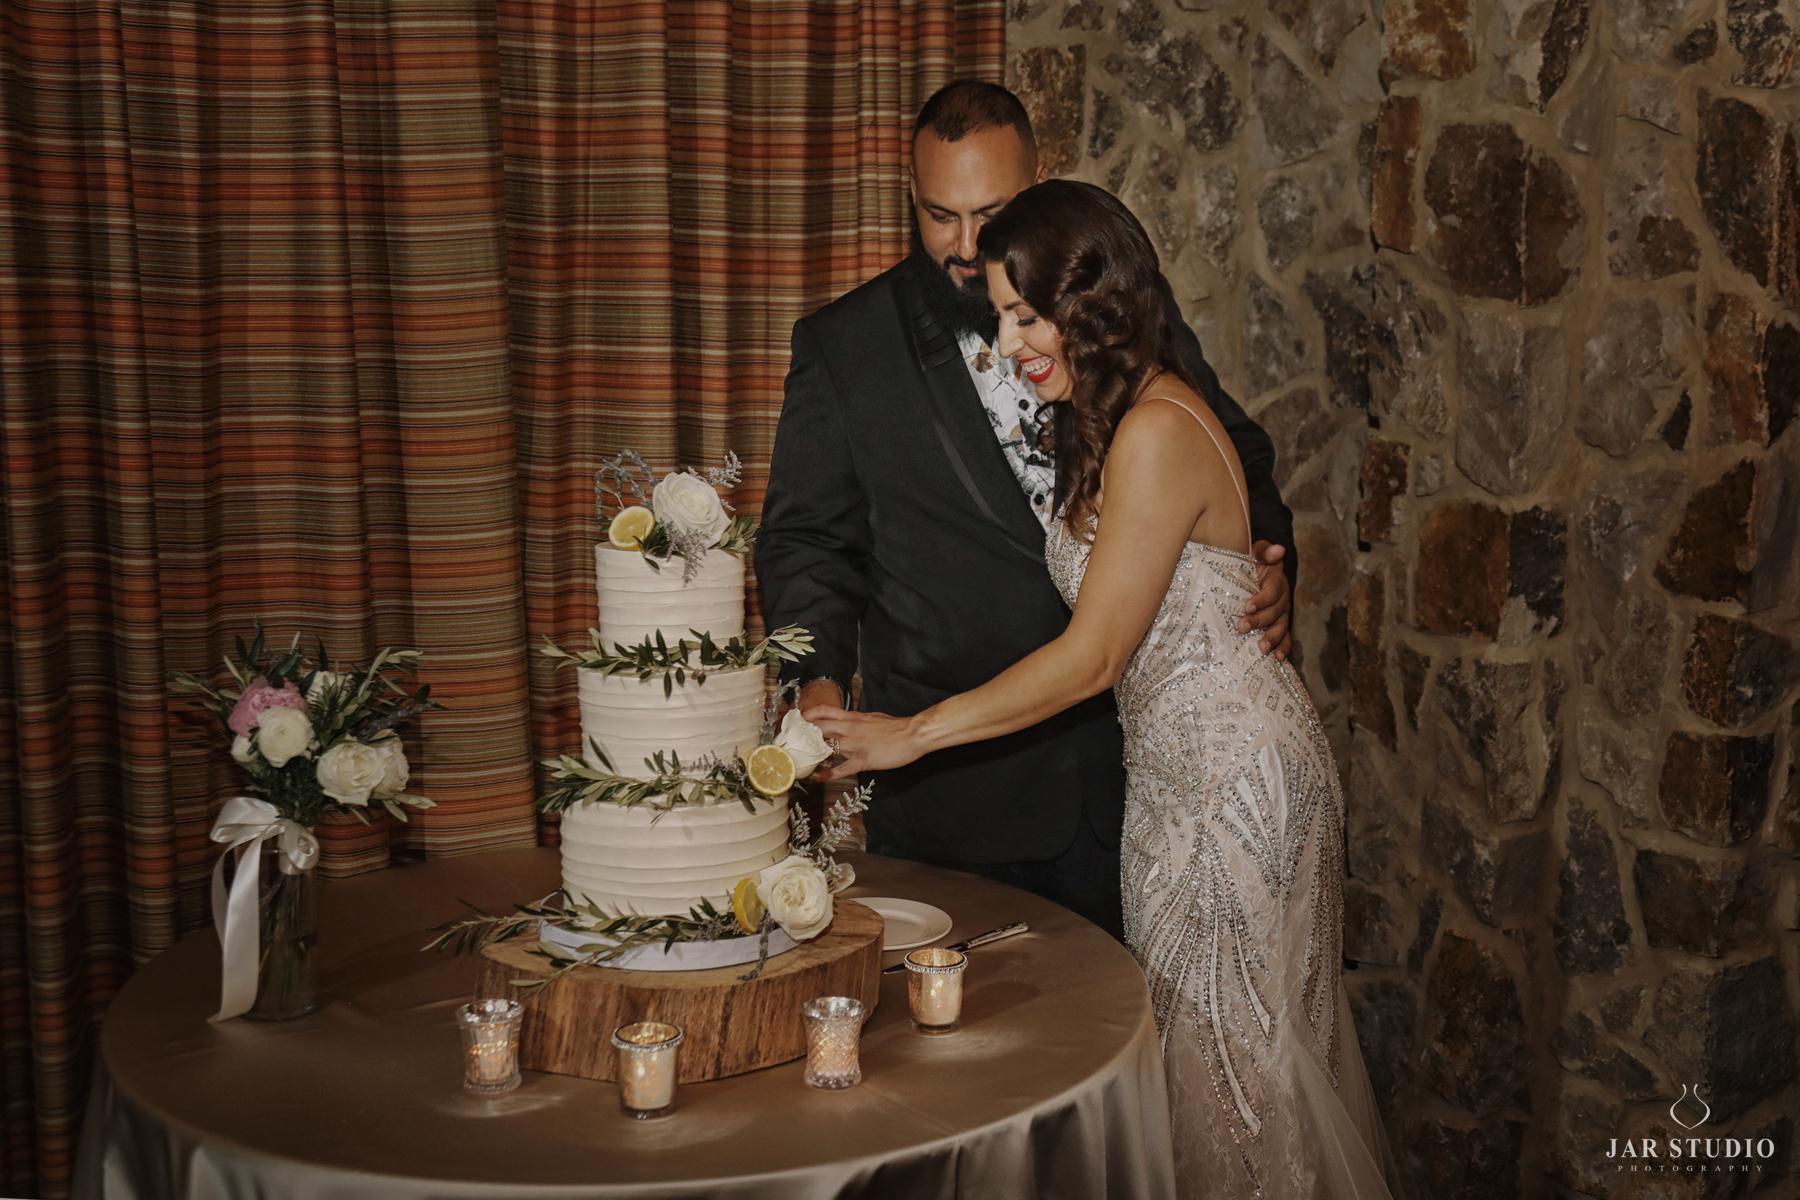 40-cutting-the-cake-fun-moment-rustic-wedding-jarstudio.jpg